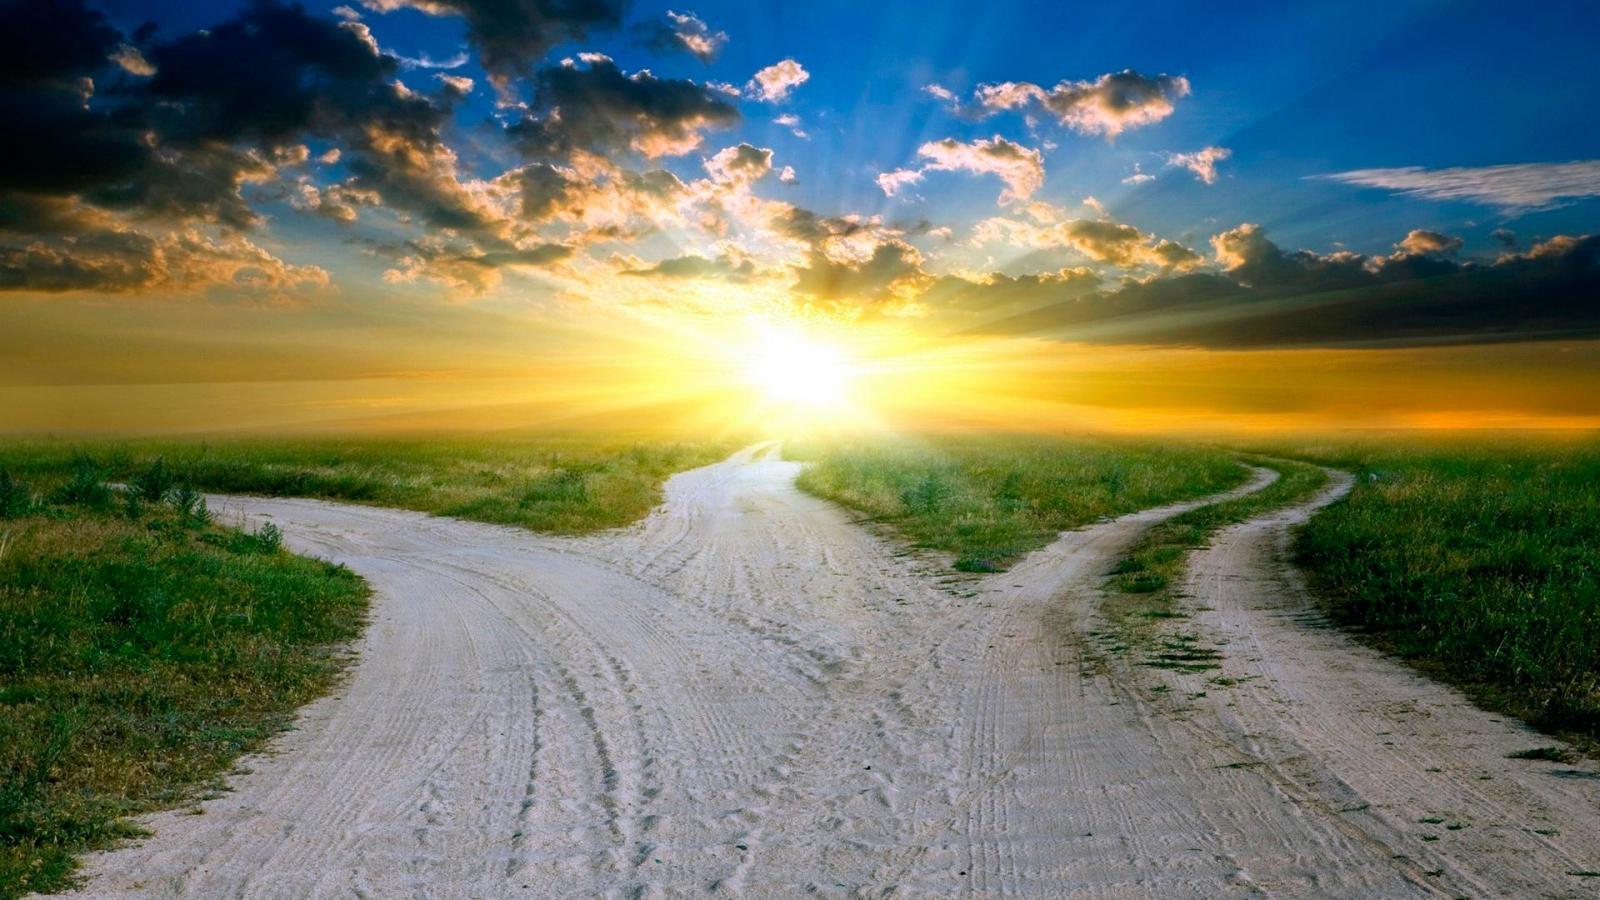 choosing-a-path.jpg